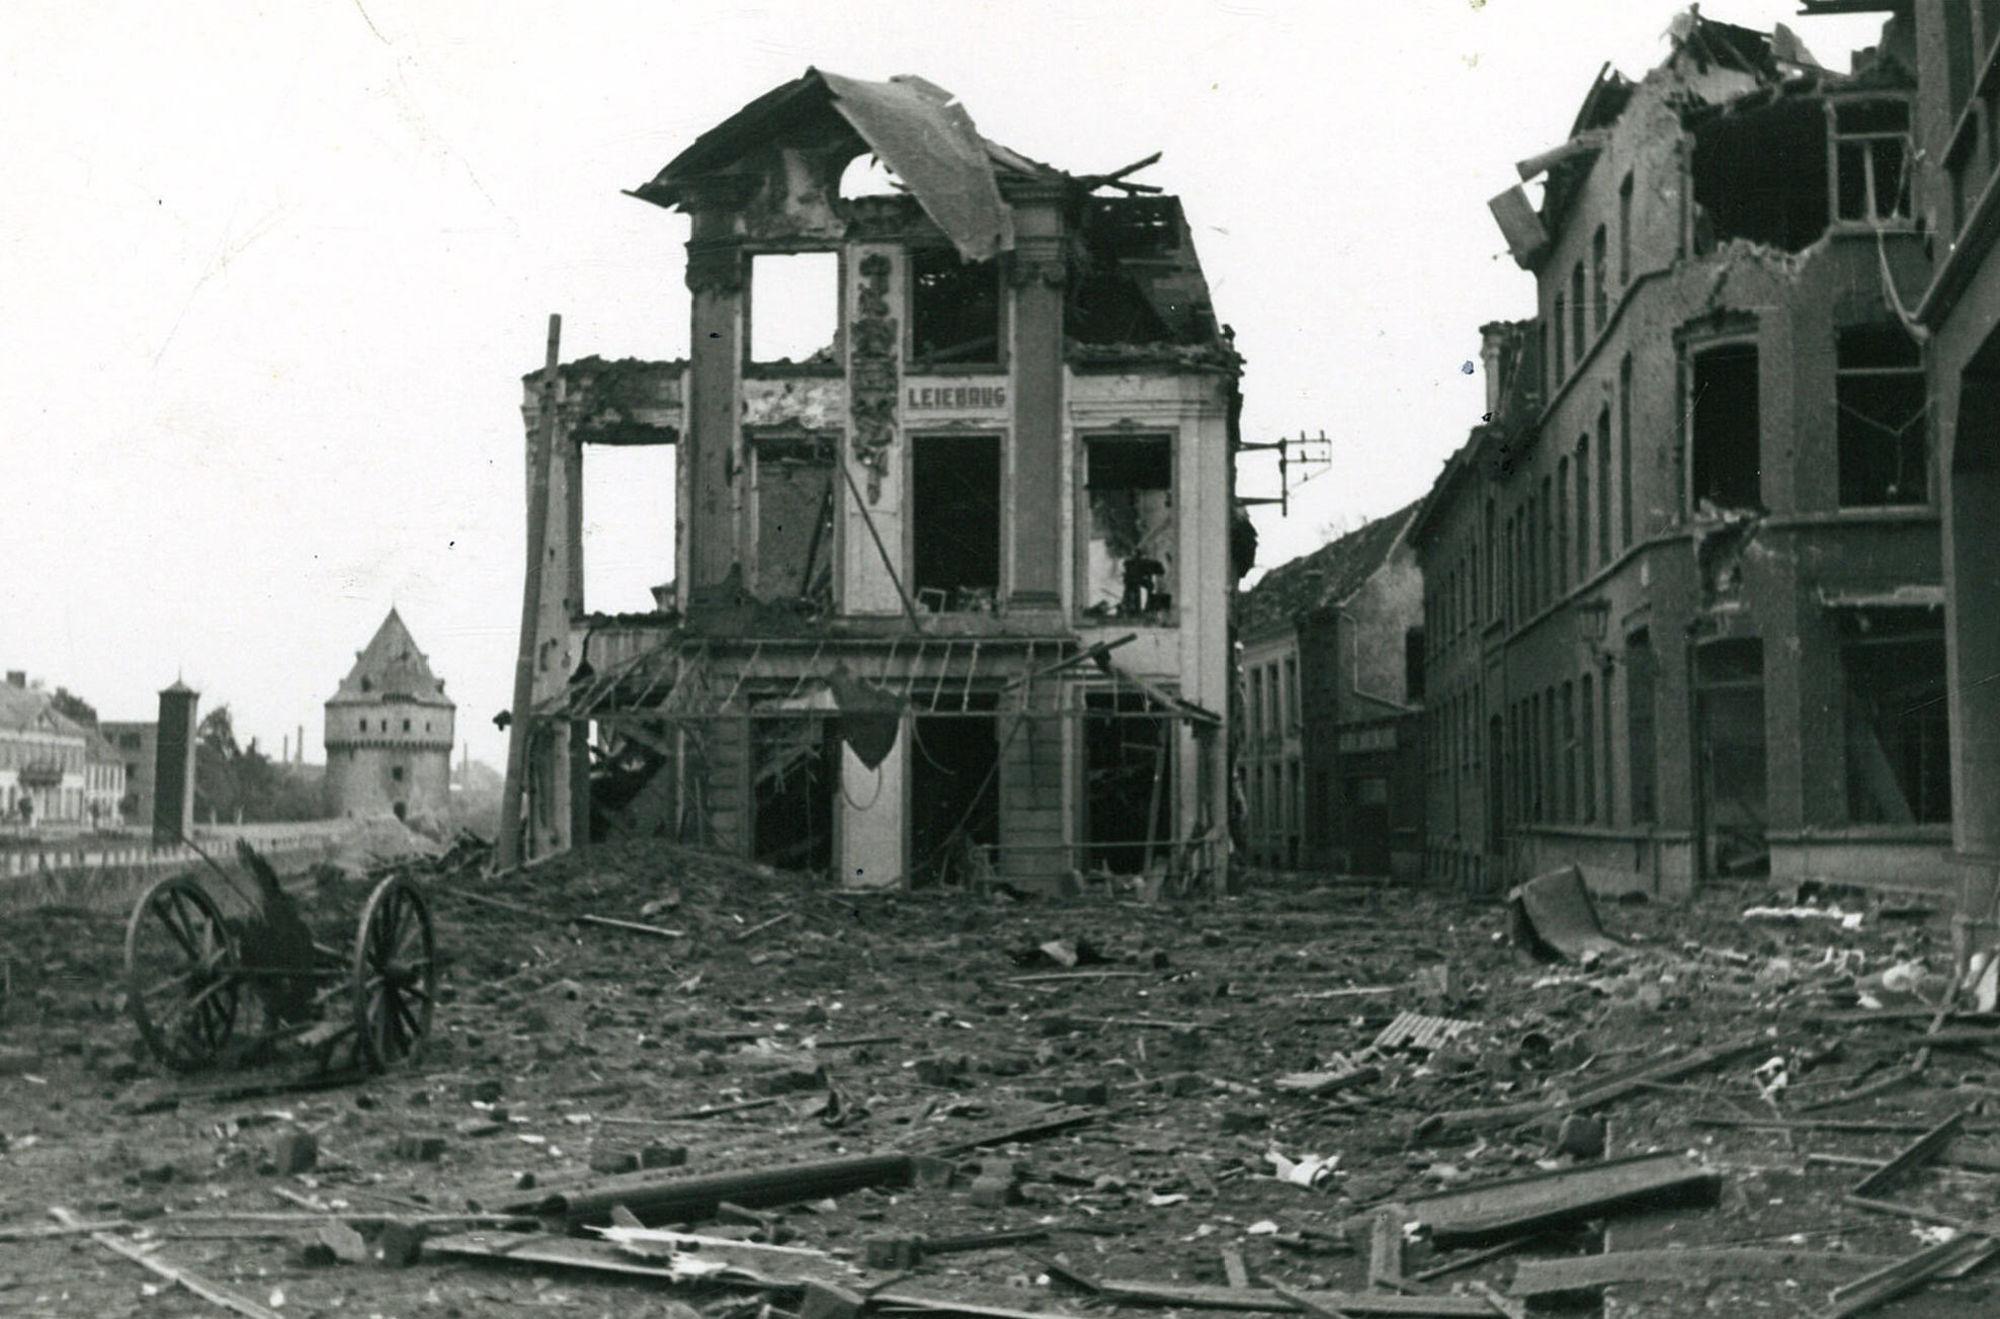 Café De Leiebrug in Wereldoorlog II